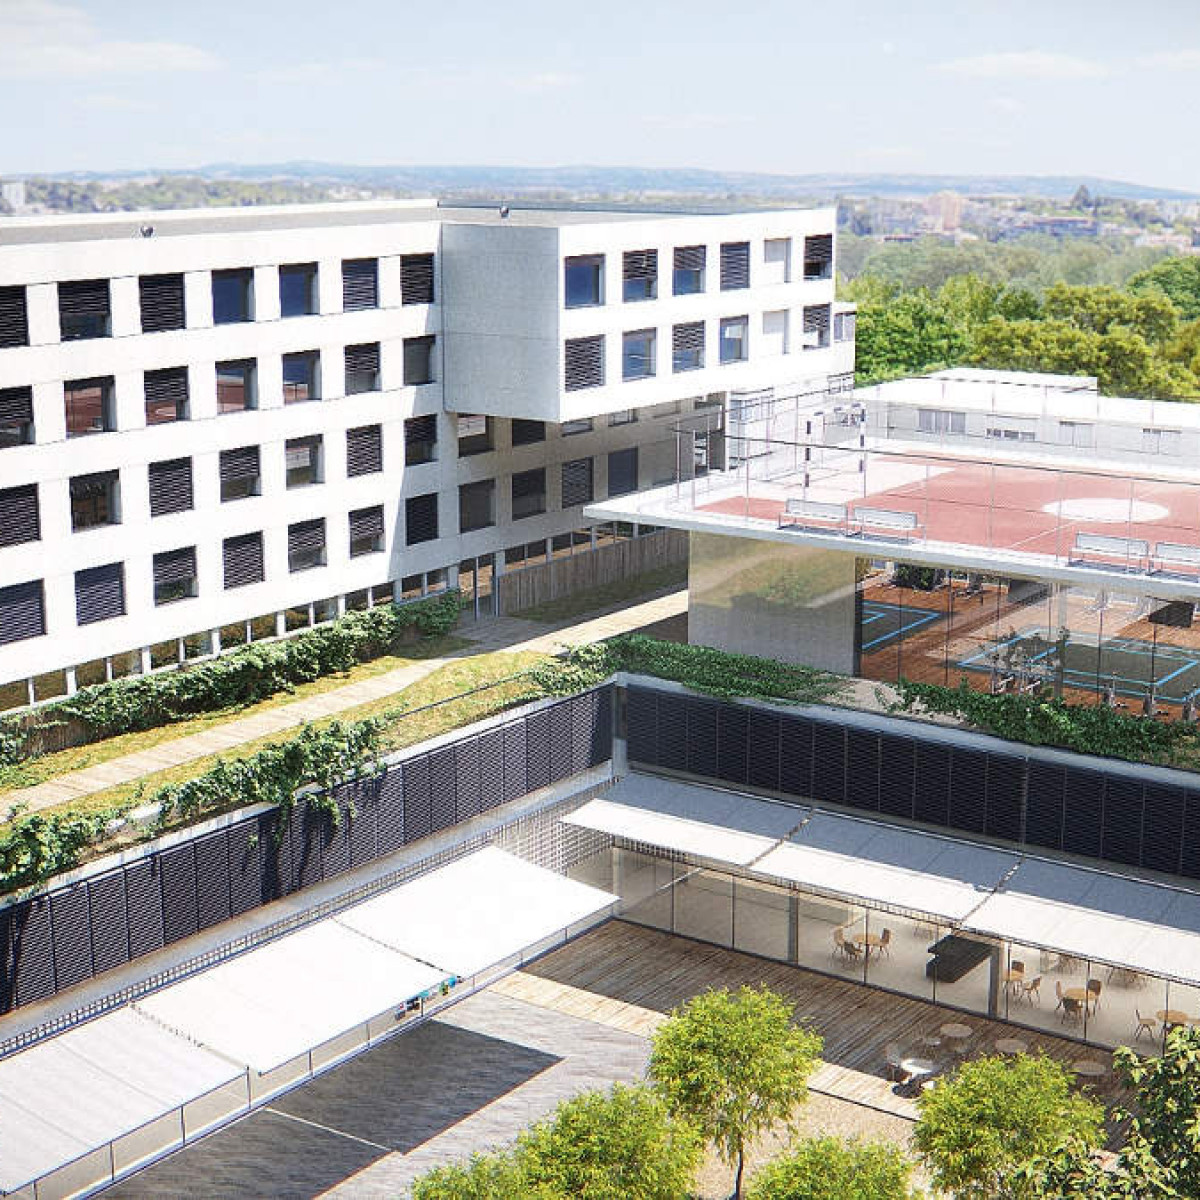 1571661494-campus-creatif-etpa-montpellier.jpg